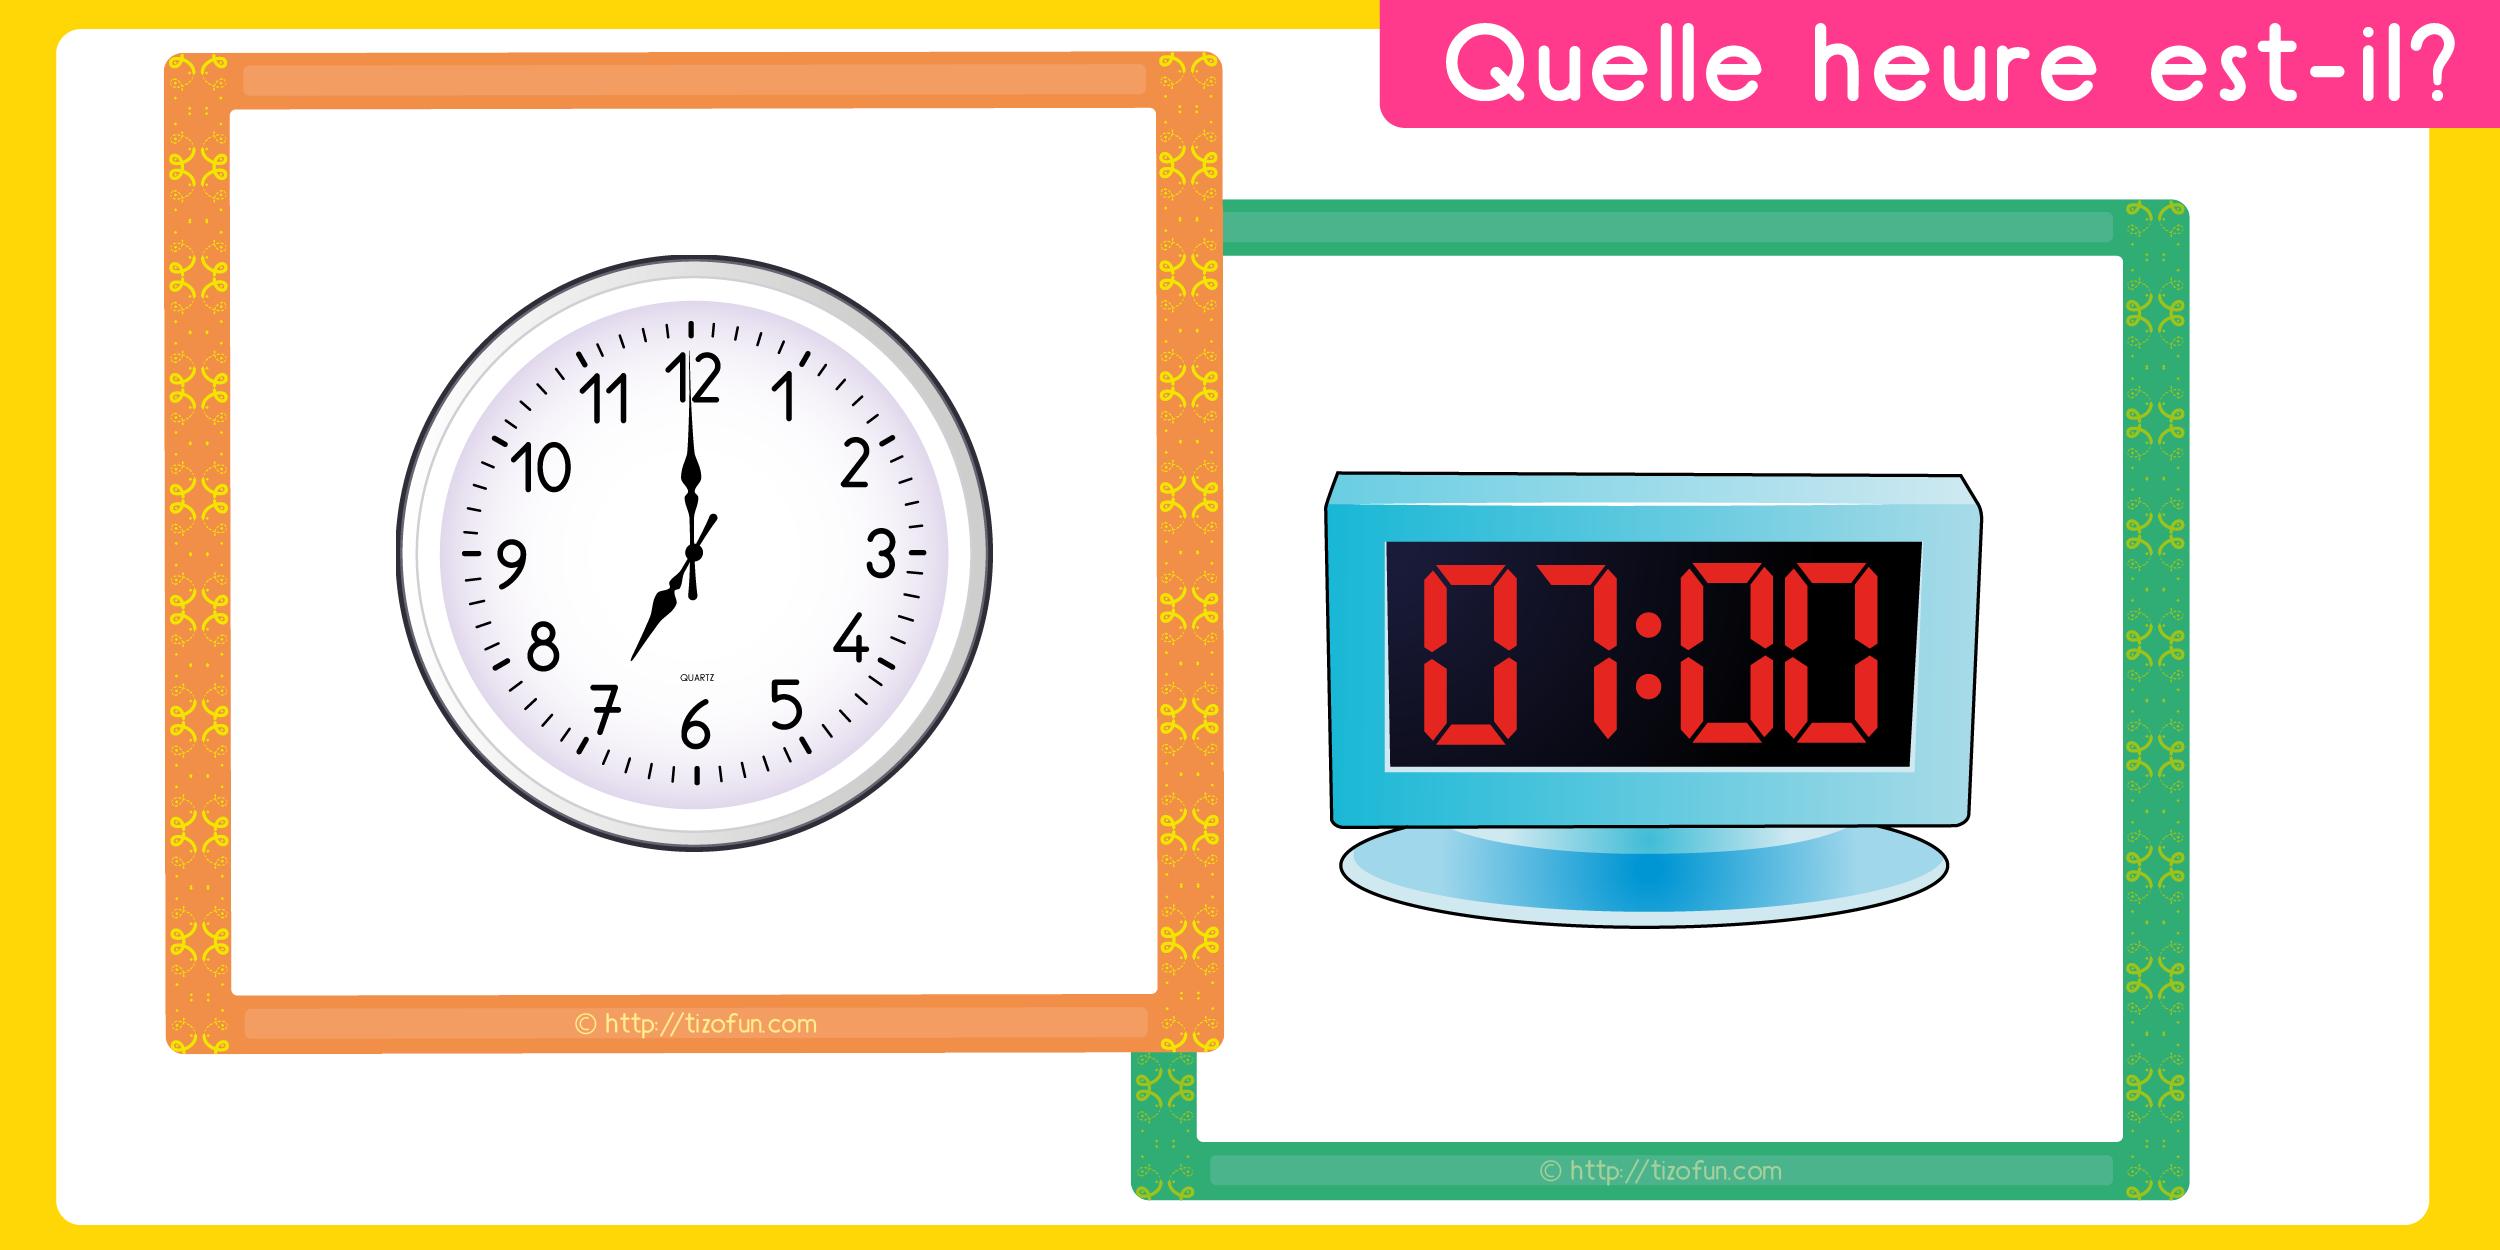 jeux cartes pdf comment apprendre lire l 39 heure aux enfants apprendre lire l 39 heure en s. Black Bedroom Furniture Sets. Home Design Ideas